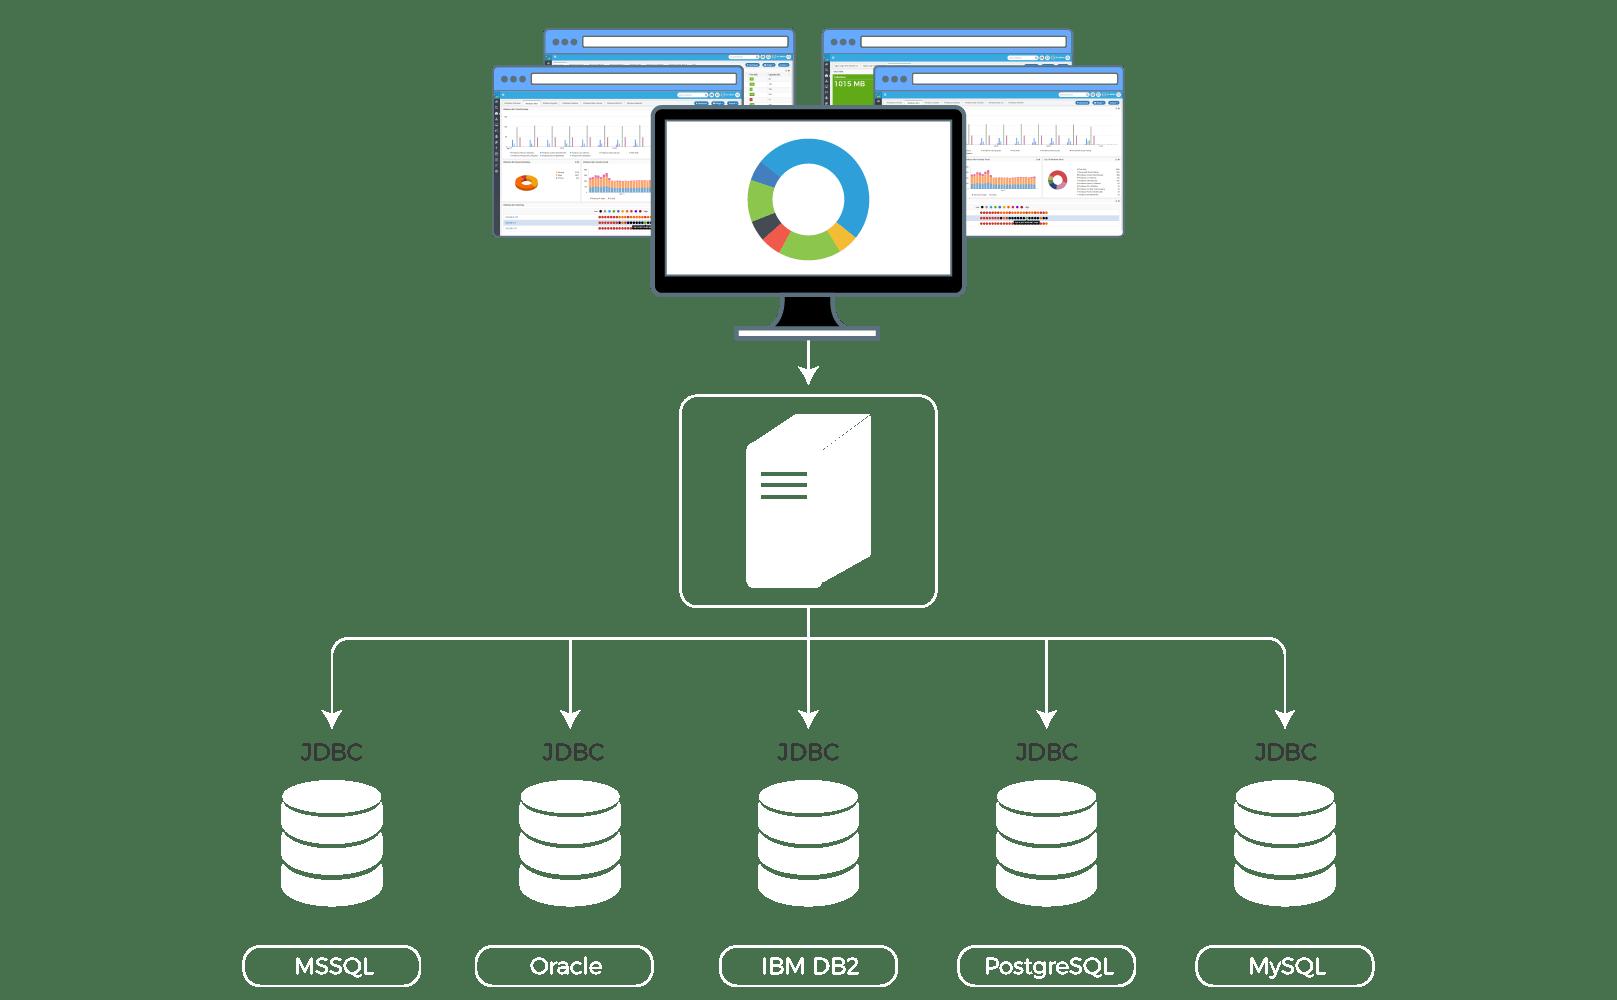 Database Monitoring Tool